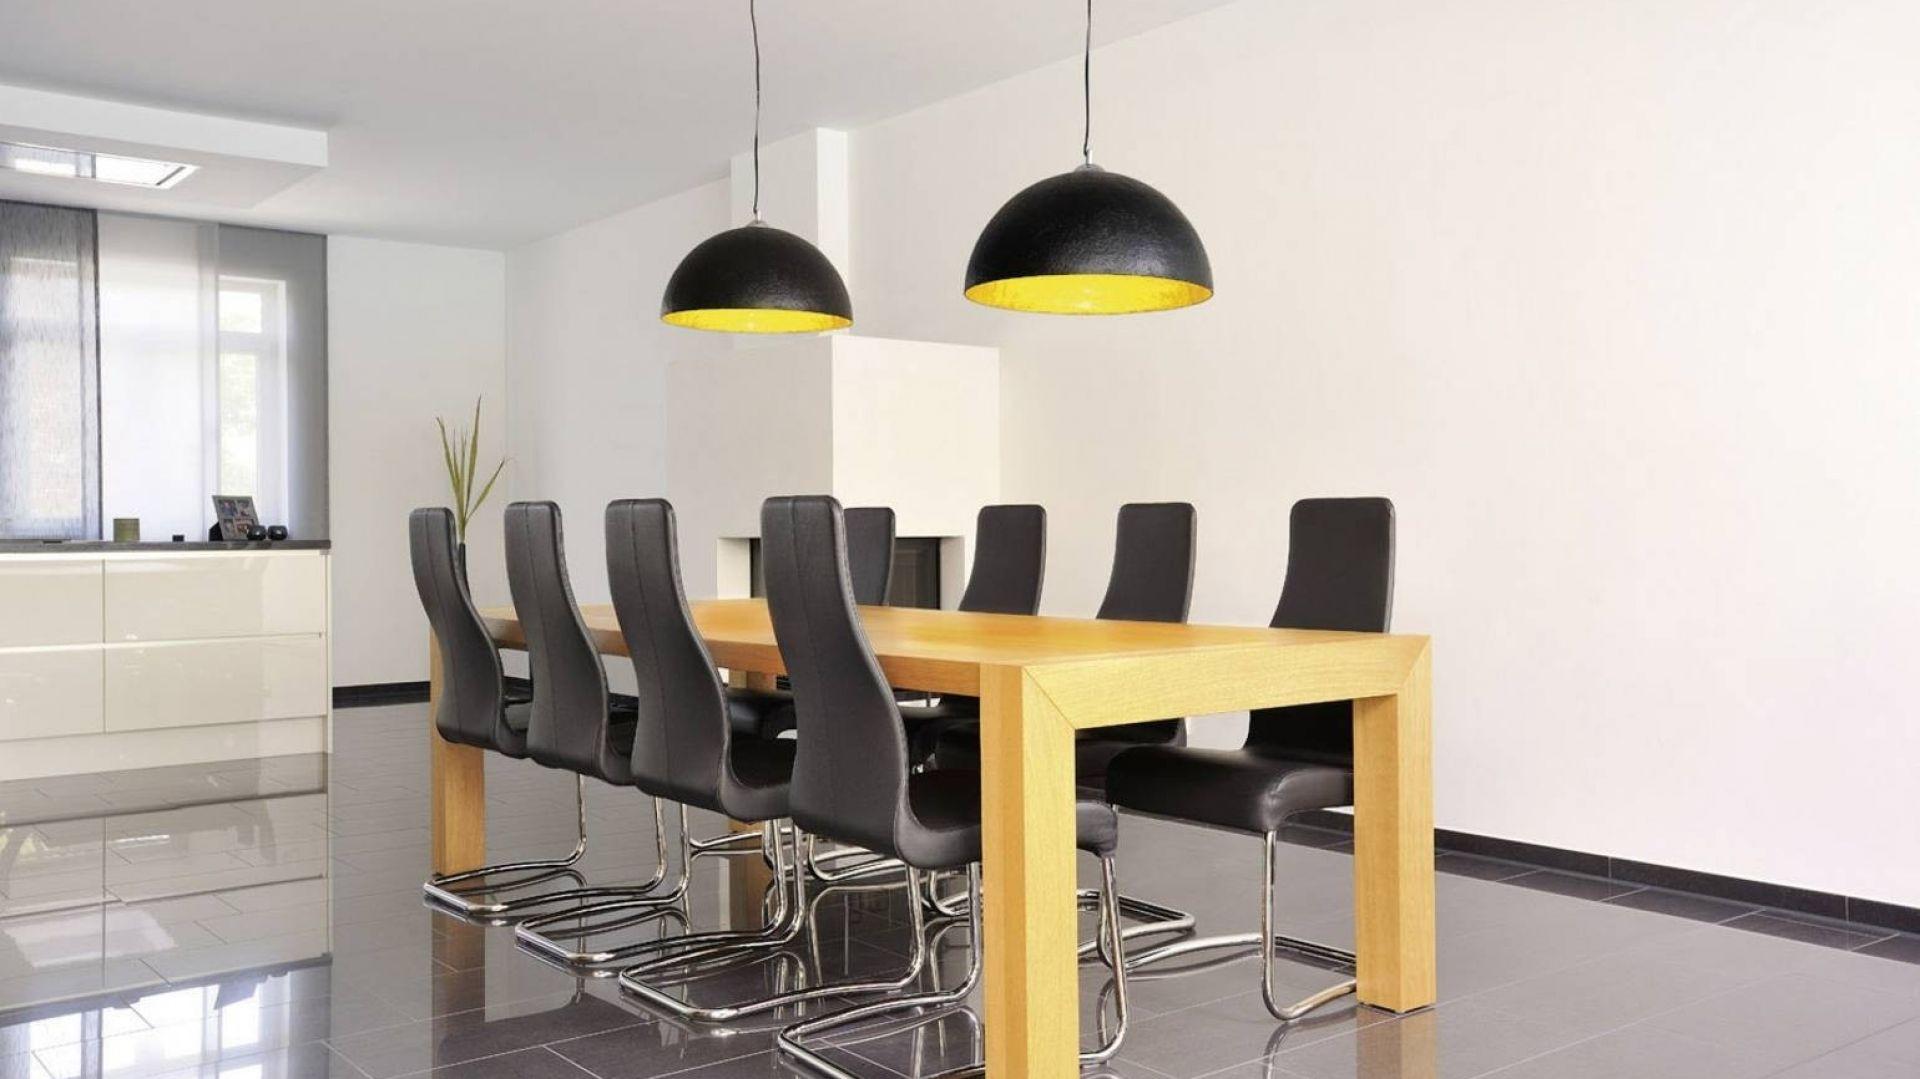 Wizualnie chłodne wnętrze, w kolorystyce biało-szarej, rozświetli ciepłymi barwami stołu i wnętrza lampa Forchini SLV©, która przykuwa uwagę. Fot. tomix.pl